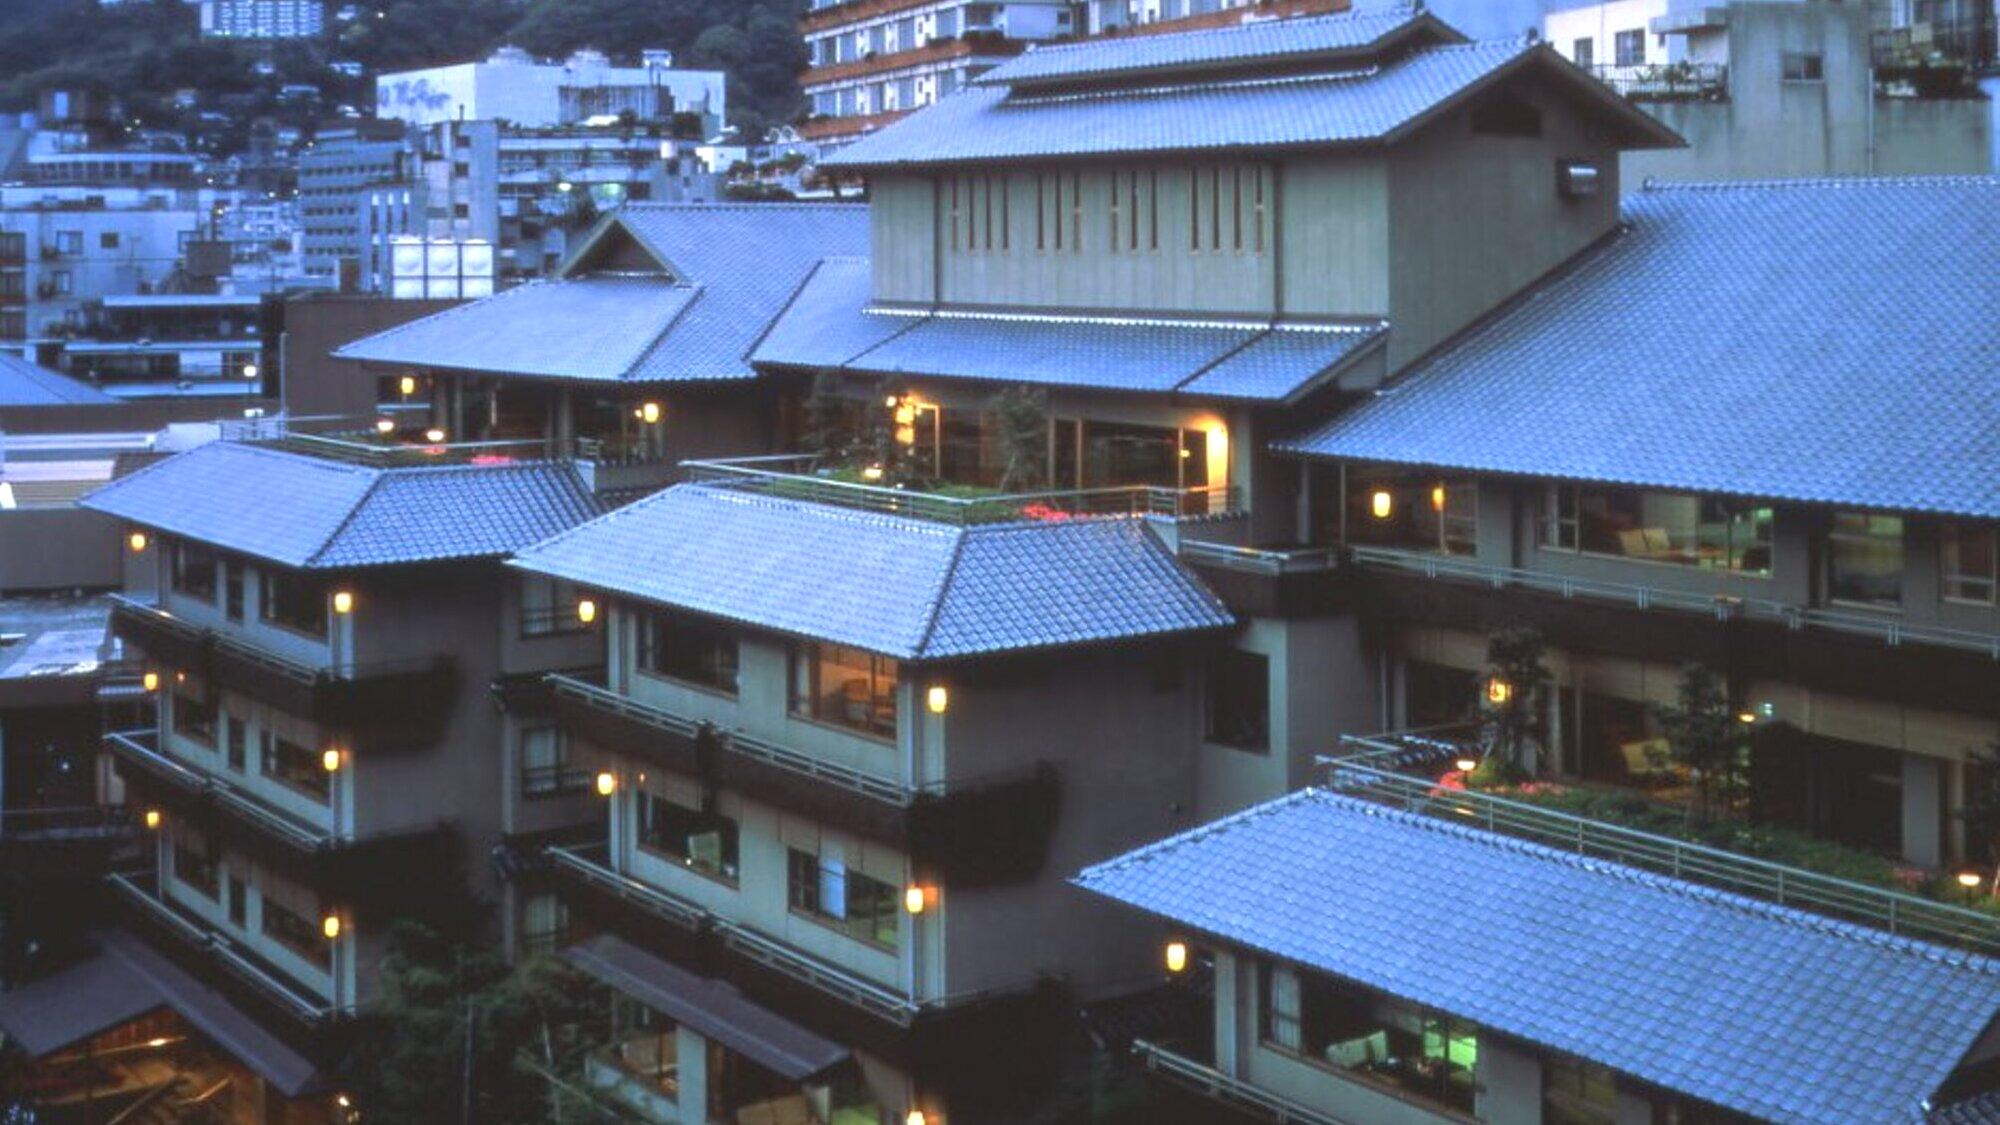 熱海温泉 大月ホテル 和風館 image